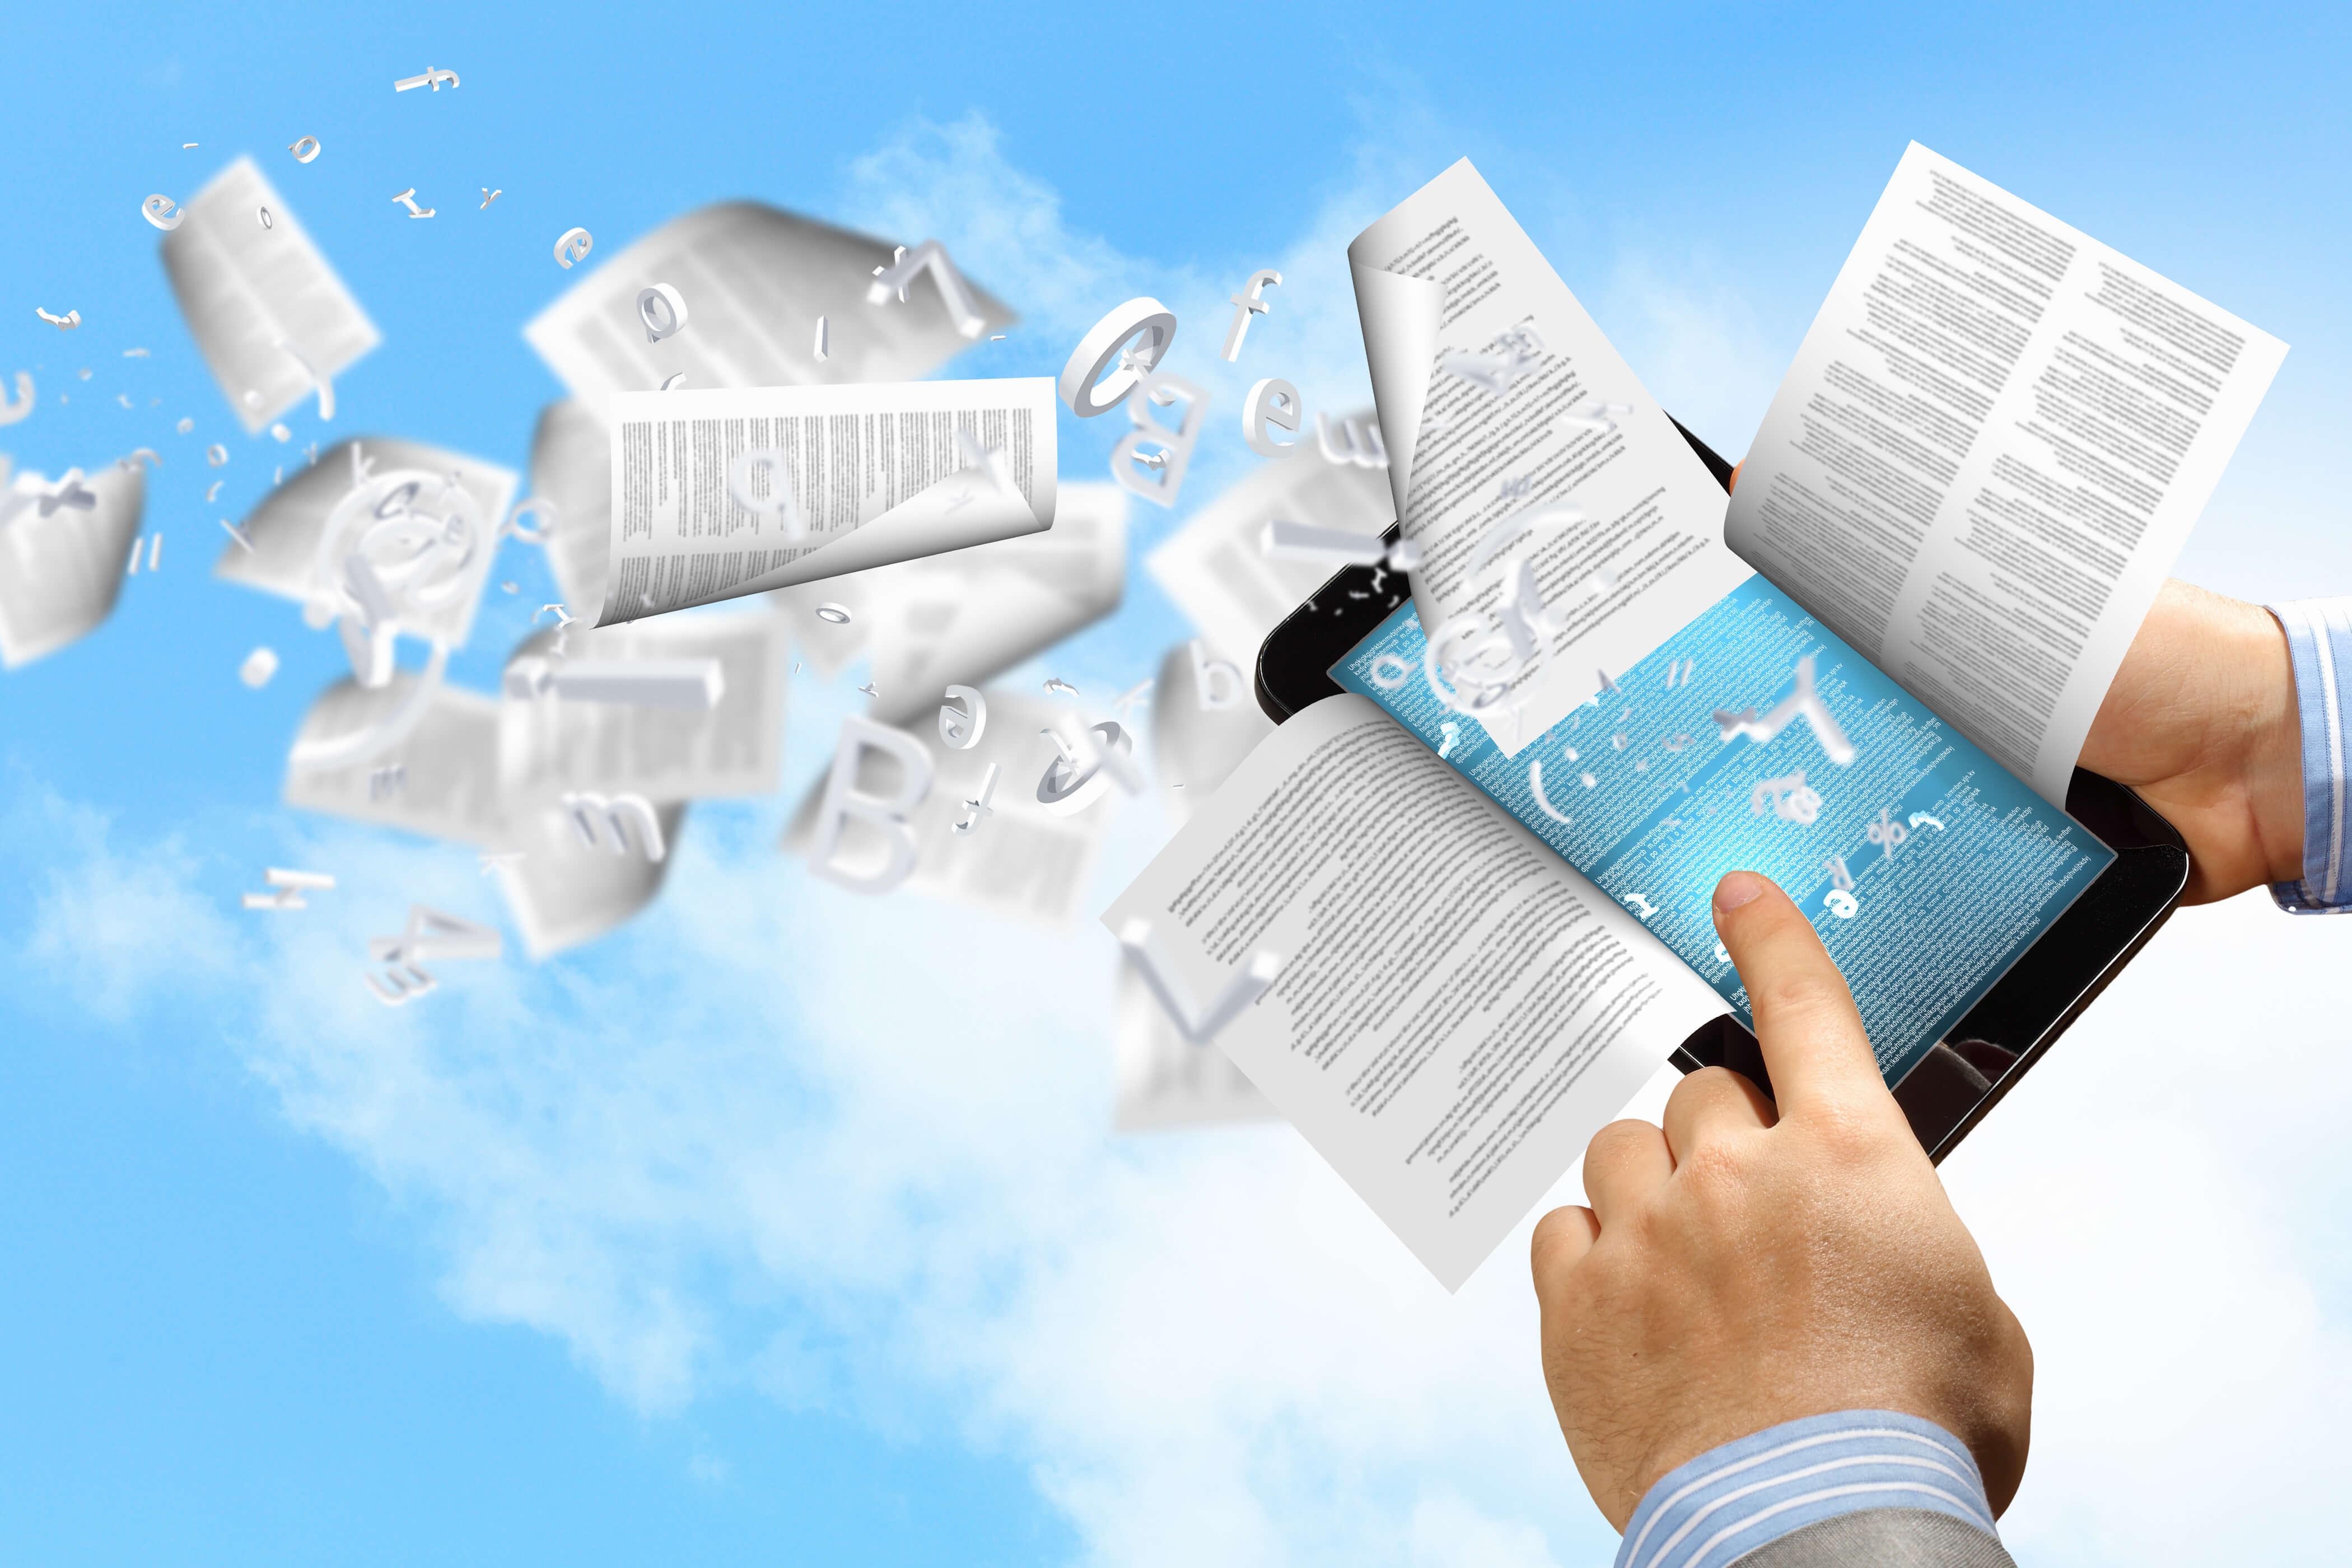 E-book to bardzo wartościowa forma contentu, którą na pewno przekonasz do siebie klientów.